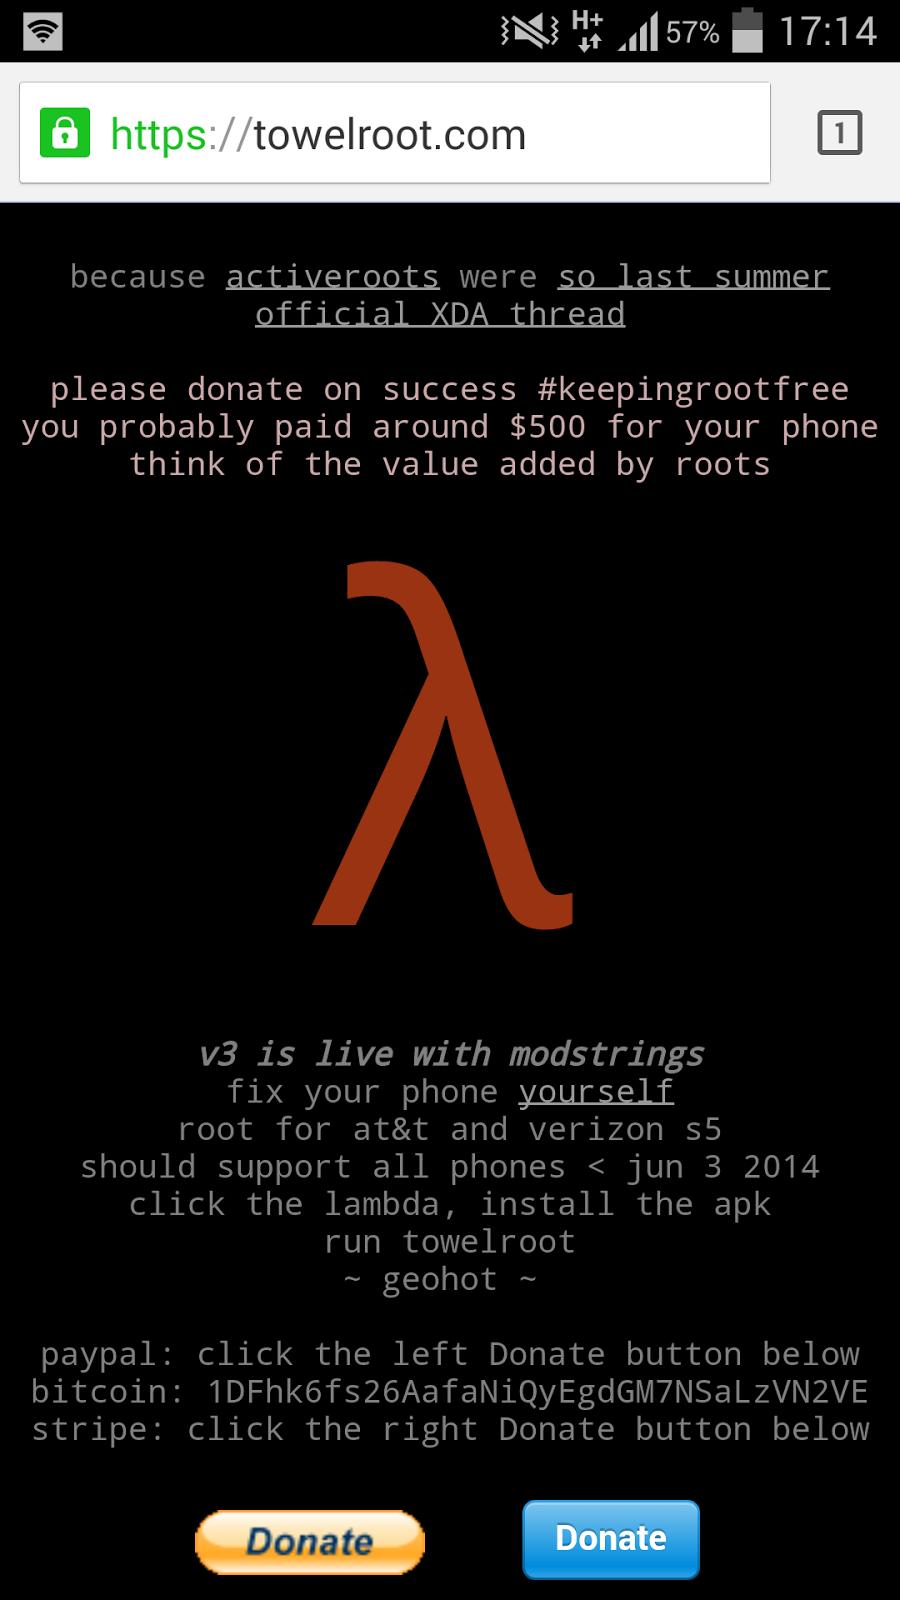 Towelroot для андроид скачать бесплатно - apk программы -